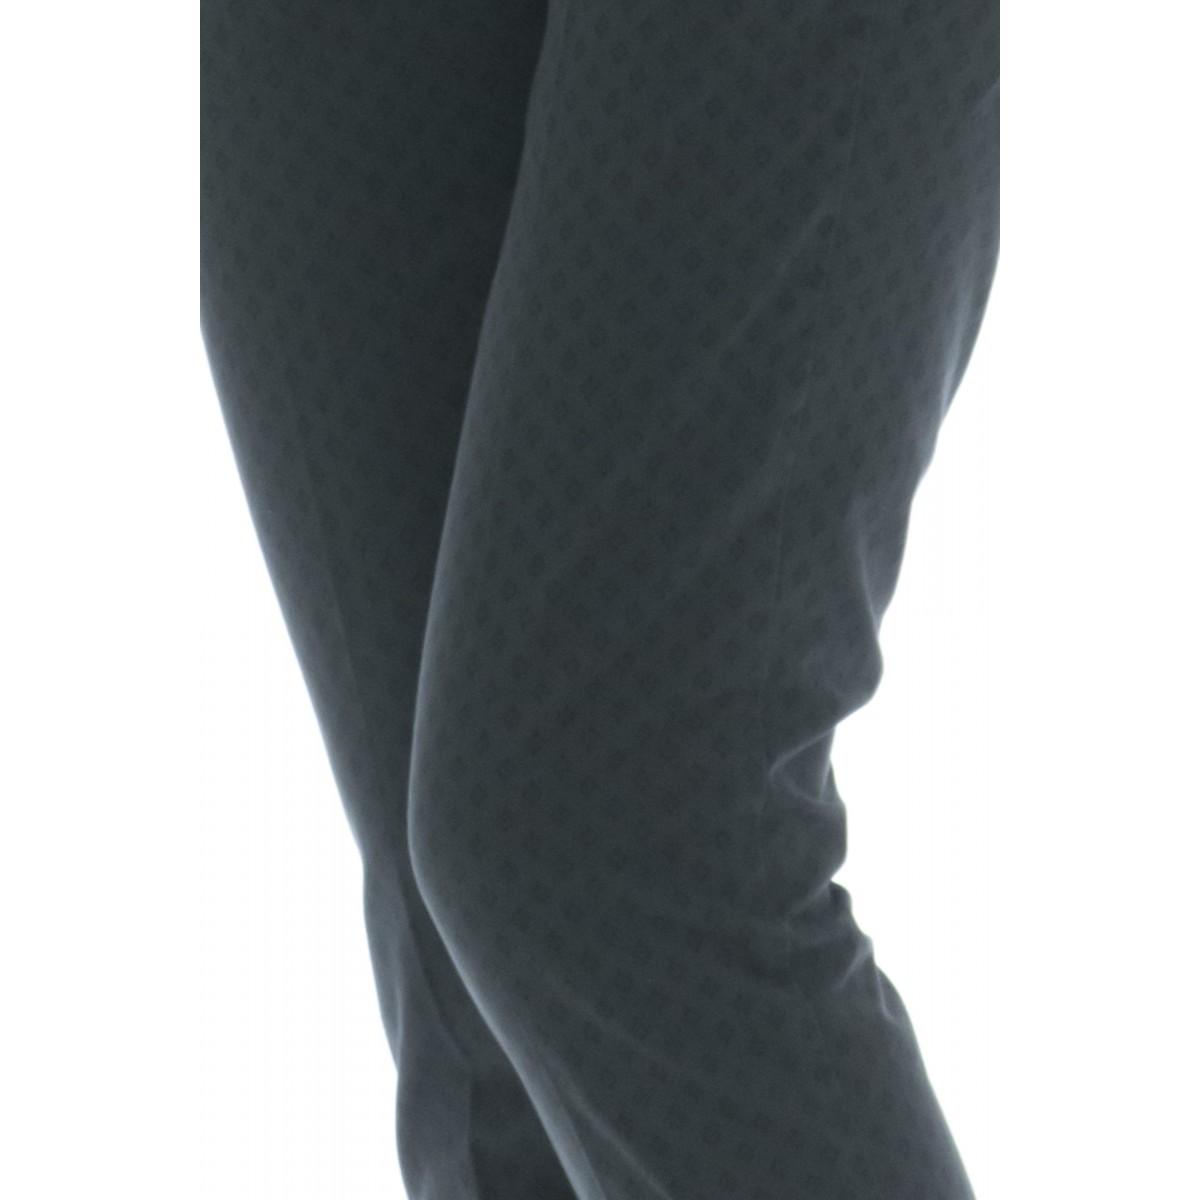 Pantalone donna - Melitas 4268 fantasia 7/8